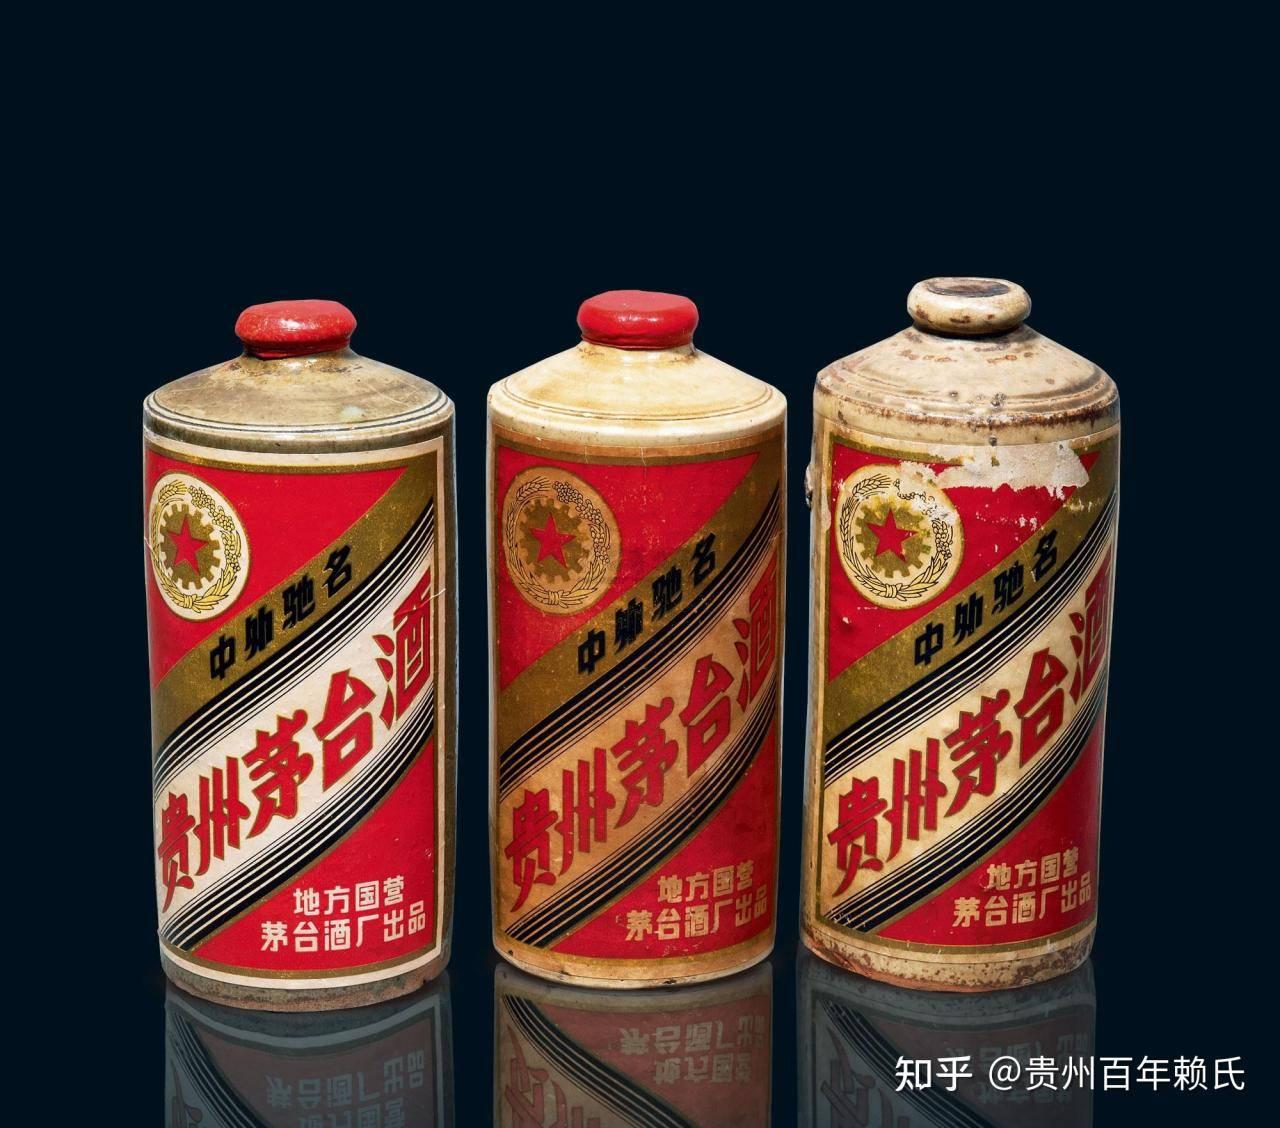 中国十大名牌白酒-中国十大名酒品牌有哪些-大麦丫-精酿啤酒连锁超市,工厂店平价酒吧免费加盟